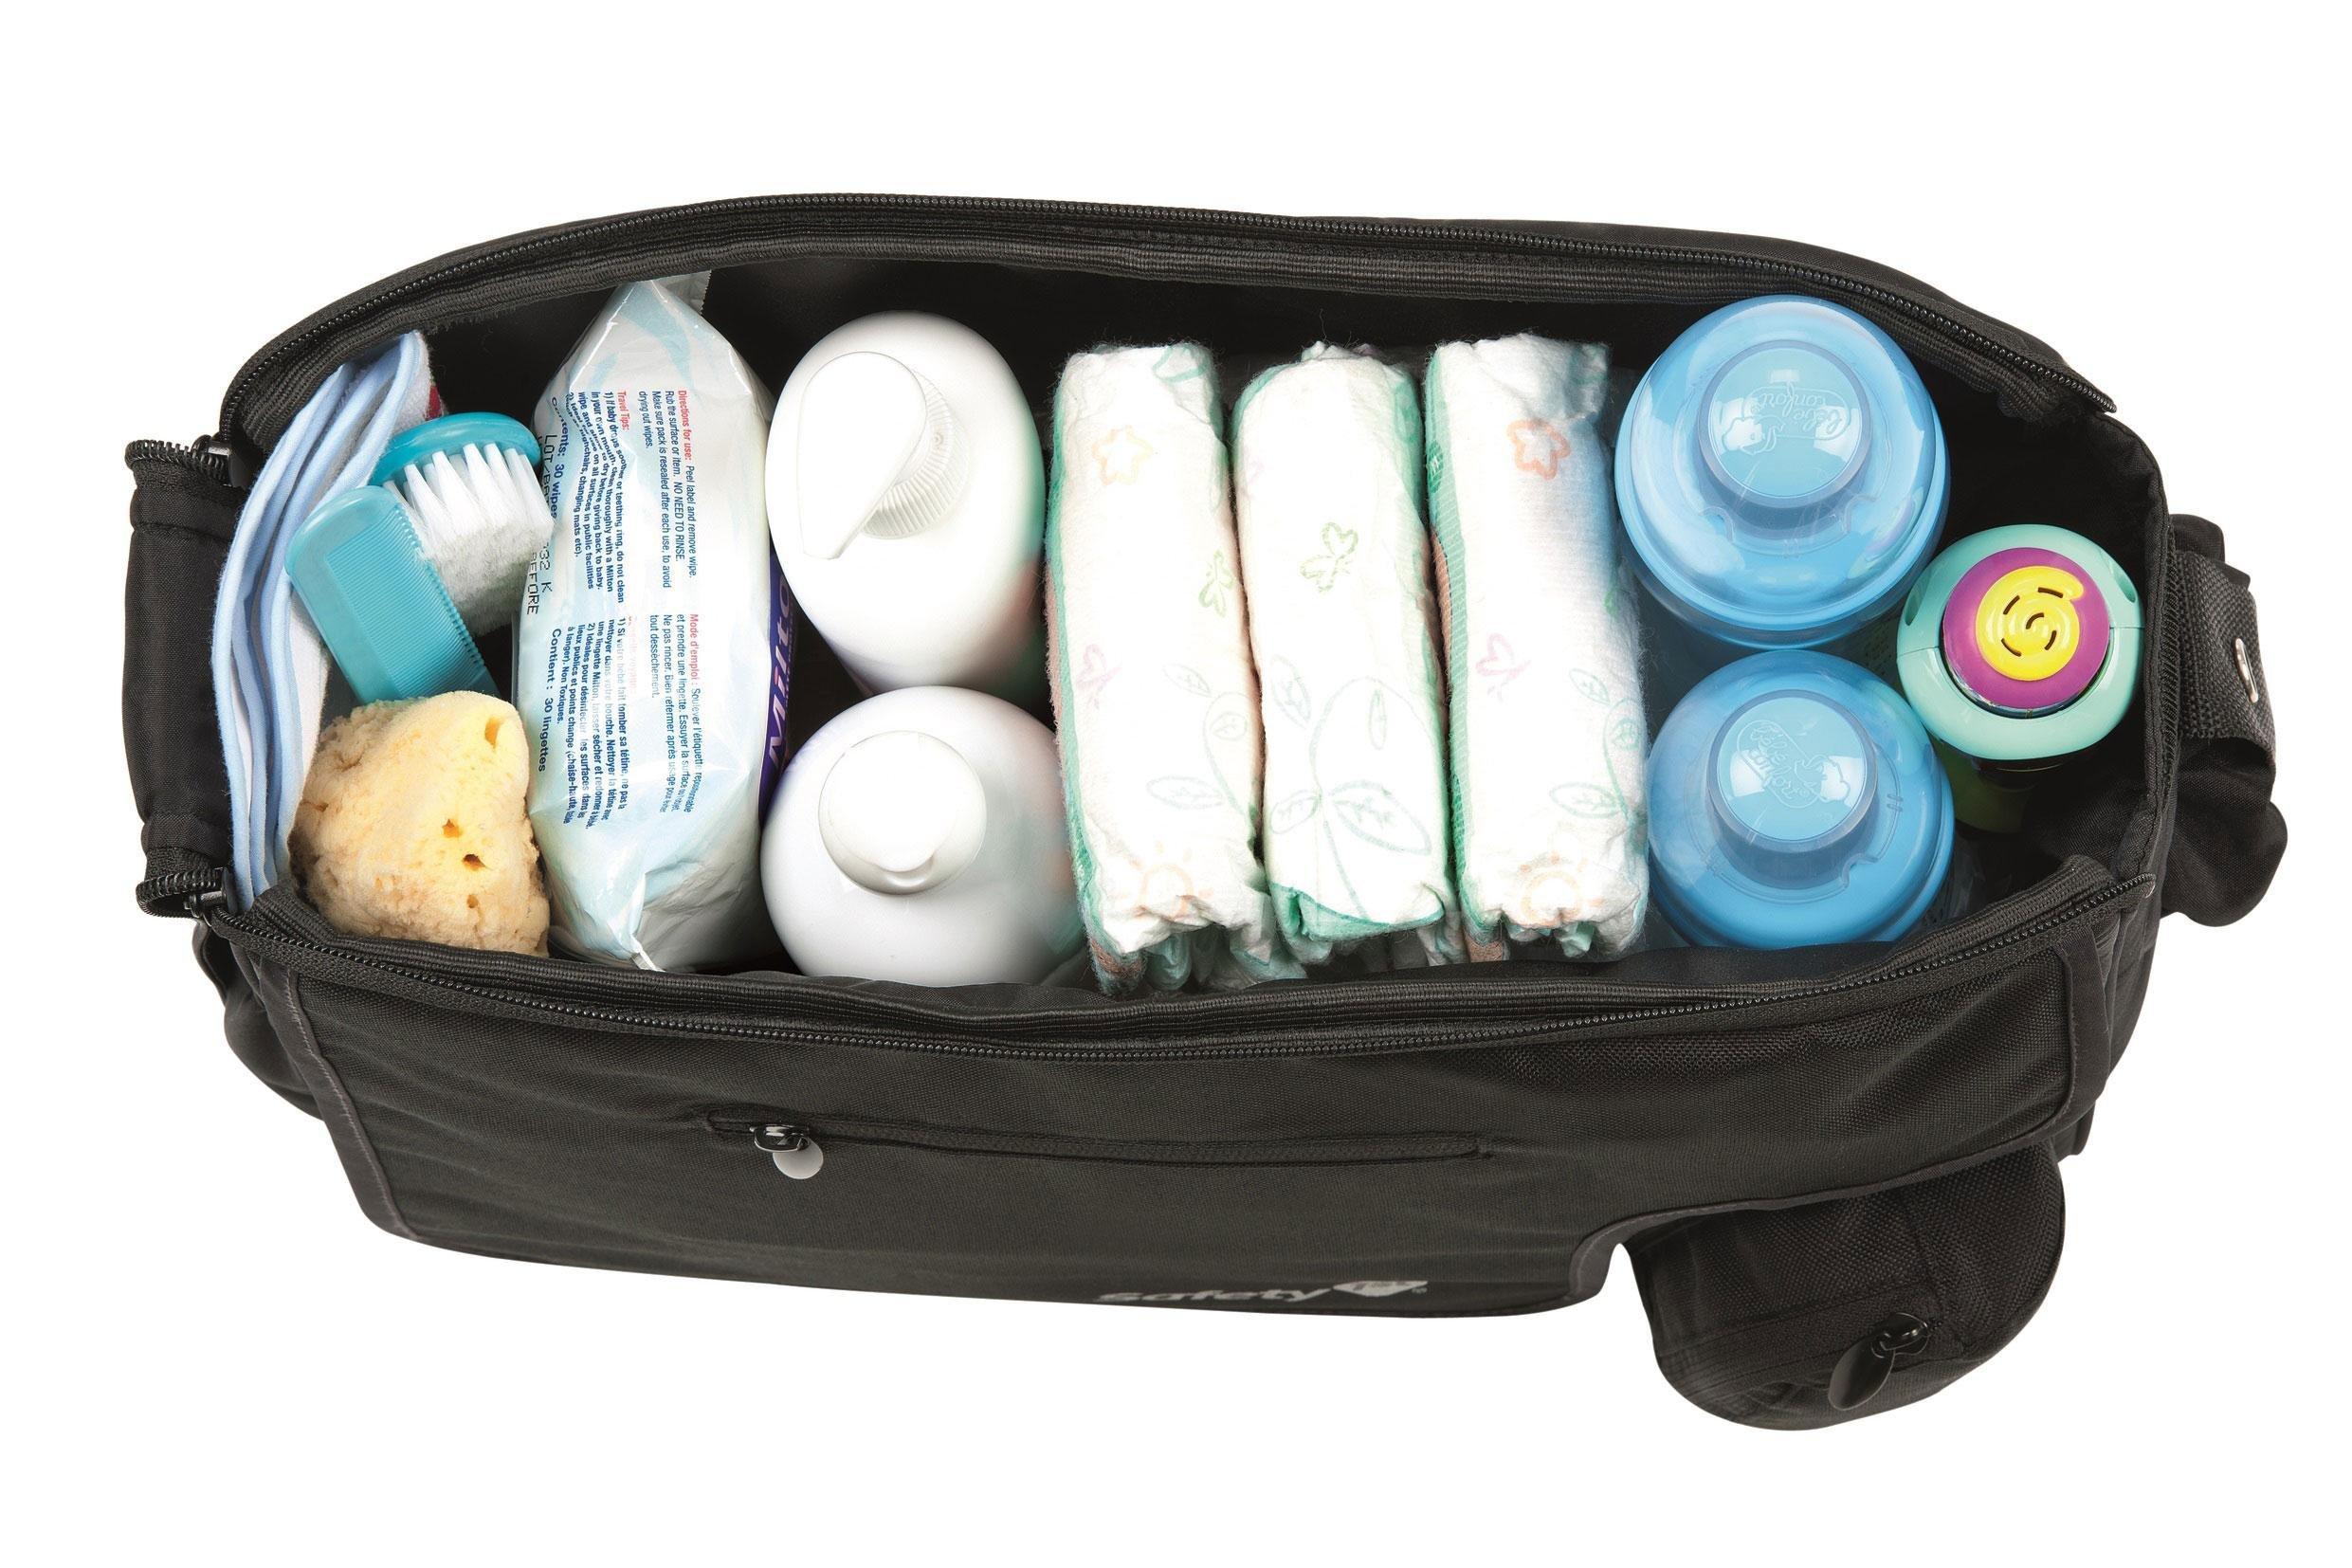 safety 1st 16339600 mod 39 bag praktische wickeltasche mit vielen f chern und wickelunterlage. Black Bedroom Furniture Sets. Home Design Ideas